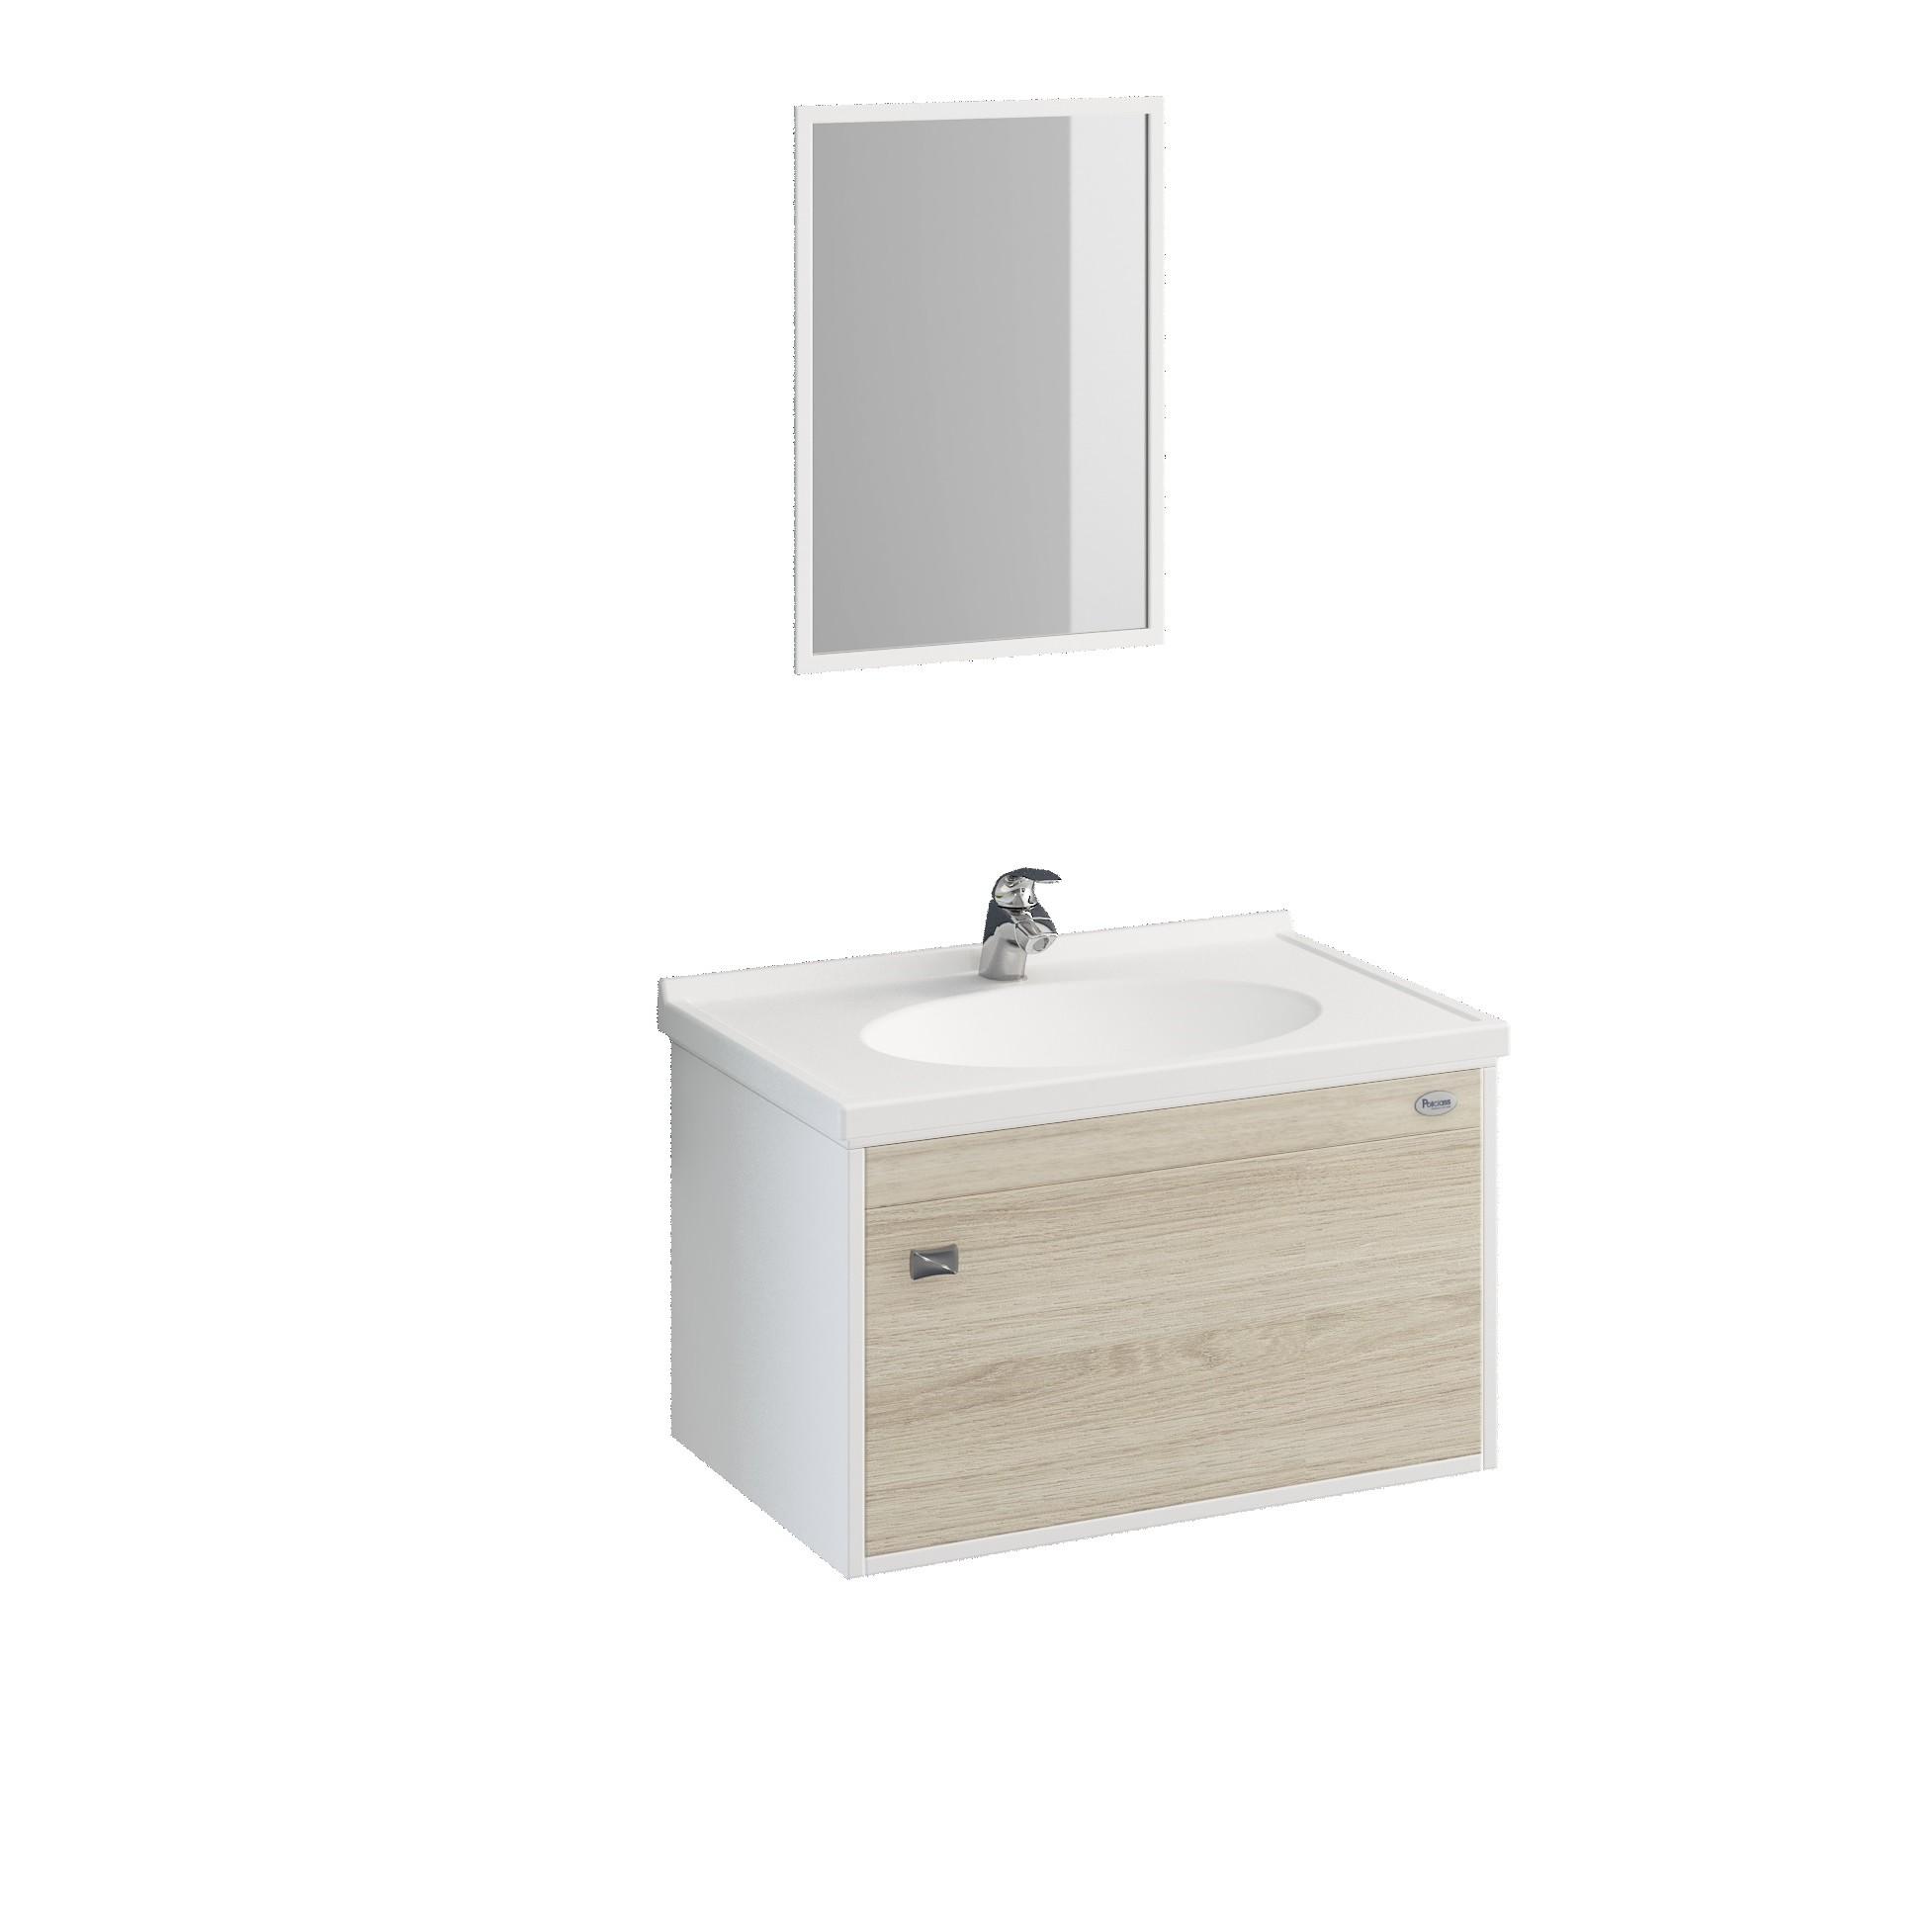 Gabinete para Banheiro Fosco 325x565cm Delicato 16749 - Policlass